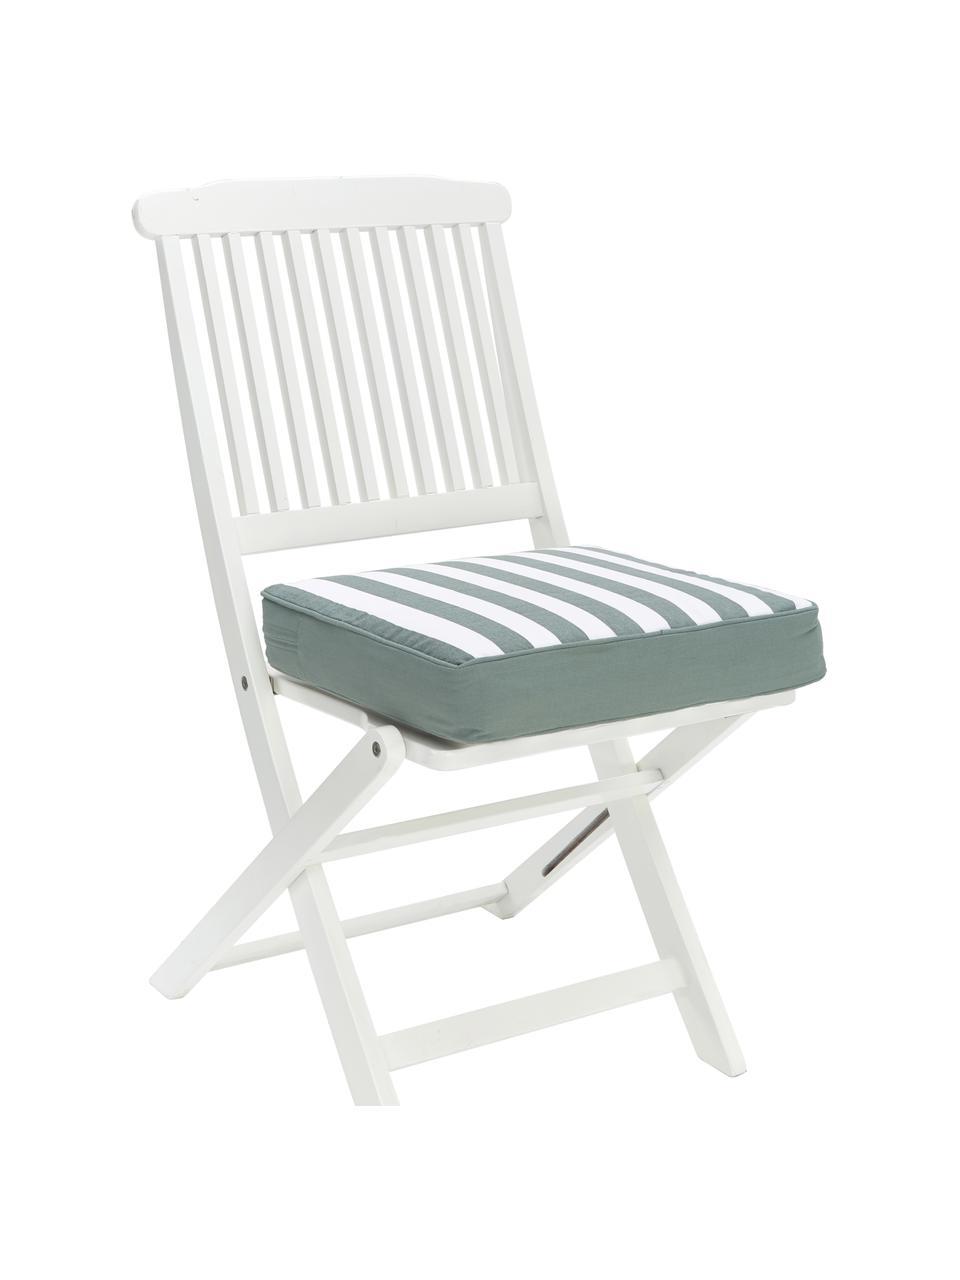 Hohes Sitzkissen Timon in Salbeigrün/Weiß, gestreift, Bezug: 100% Baumwolle, Grün, 40 x 40 cm